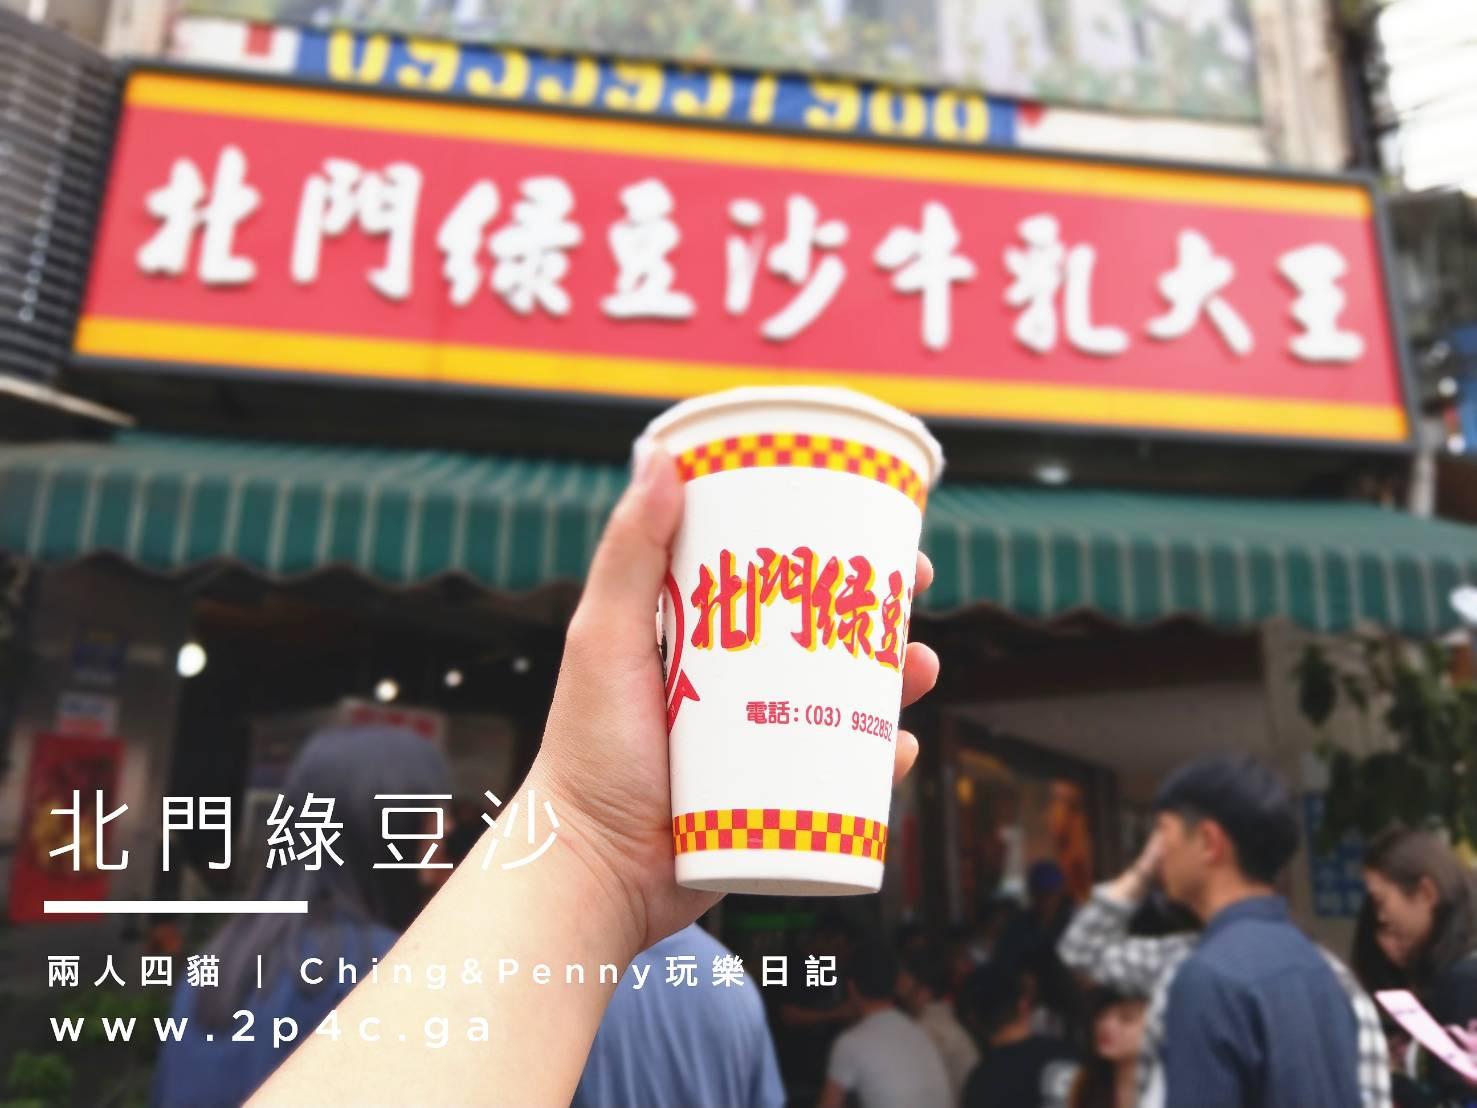 【宜蘭 美食】終於喝到啦!綿密消暑飲品  北門綠豆沙牛乳大王   (附菜單)